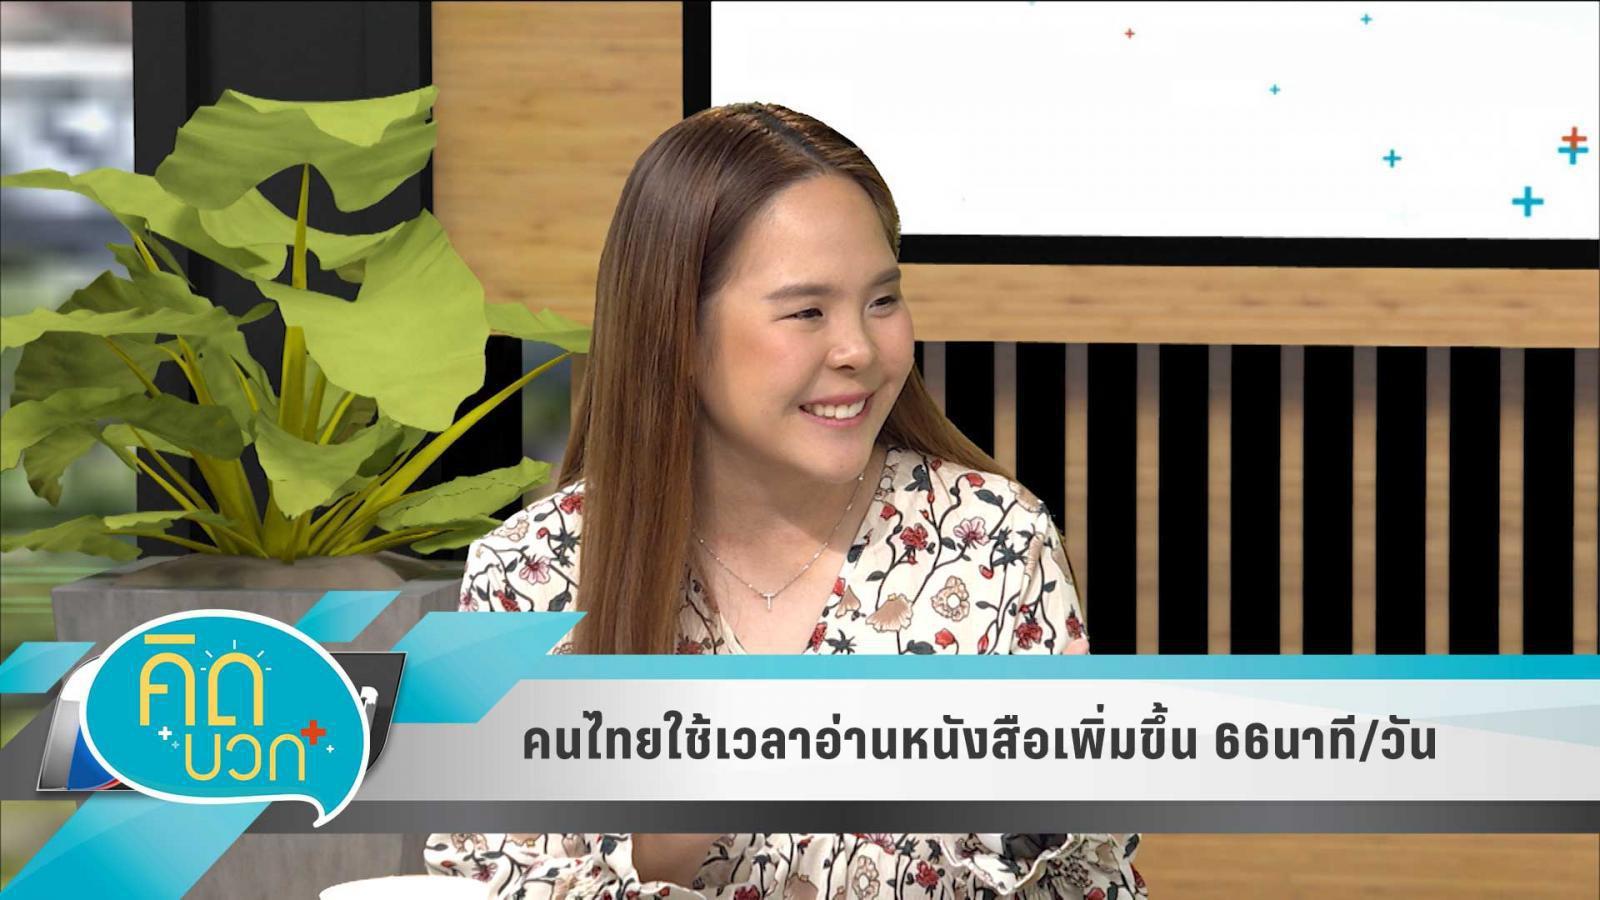 คนไทยใช้เวลาอ่านหนังสือเพิ่มขึ้น 66นาที/วัน